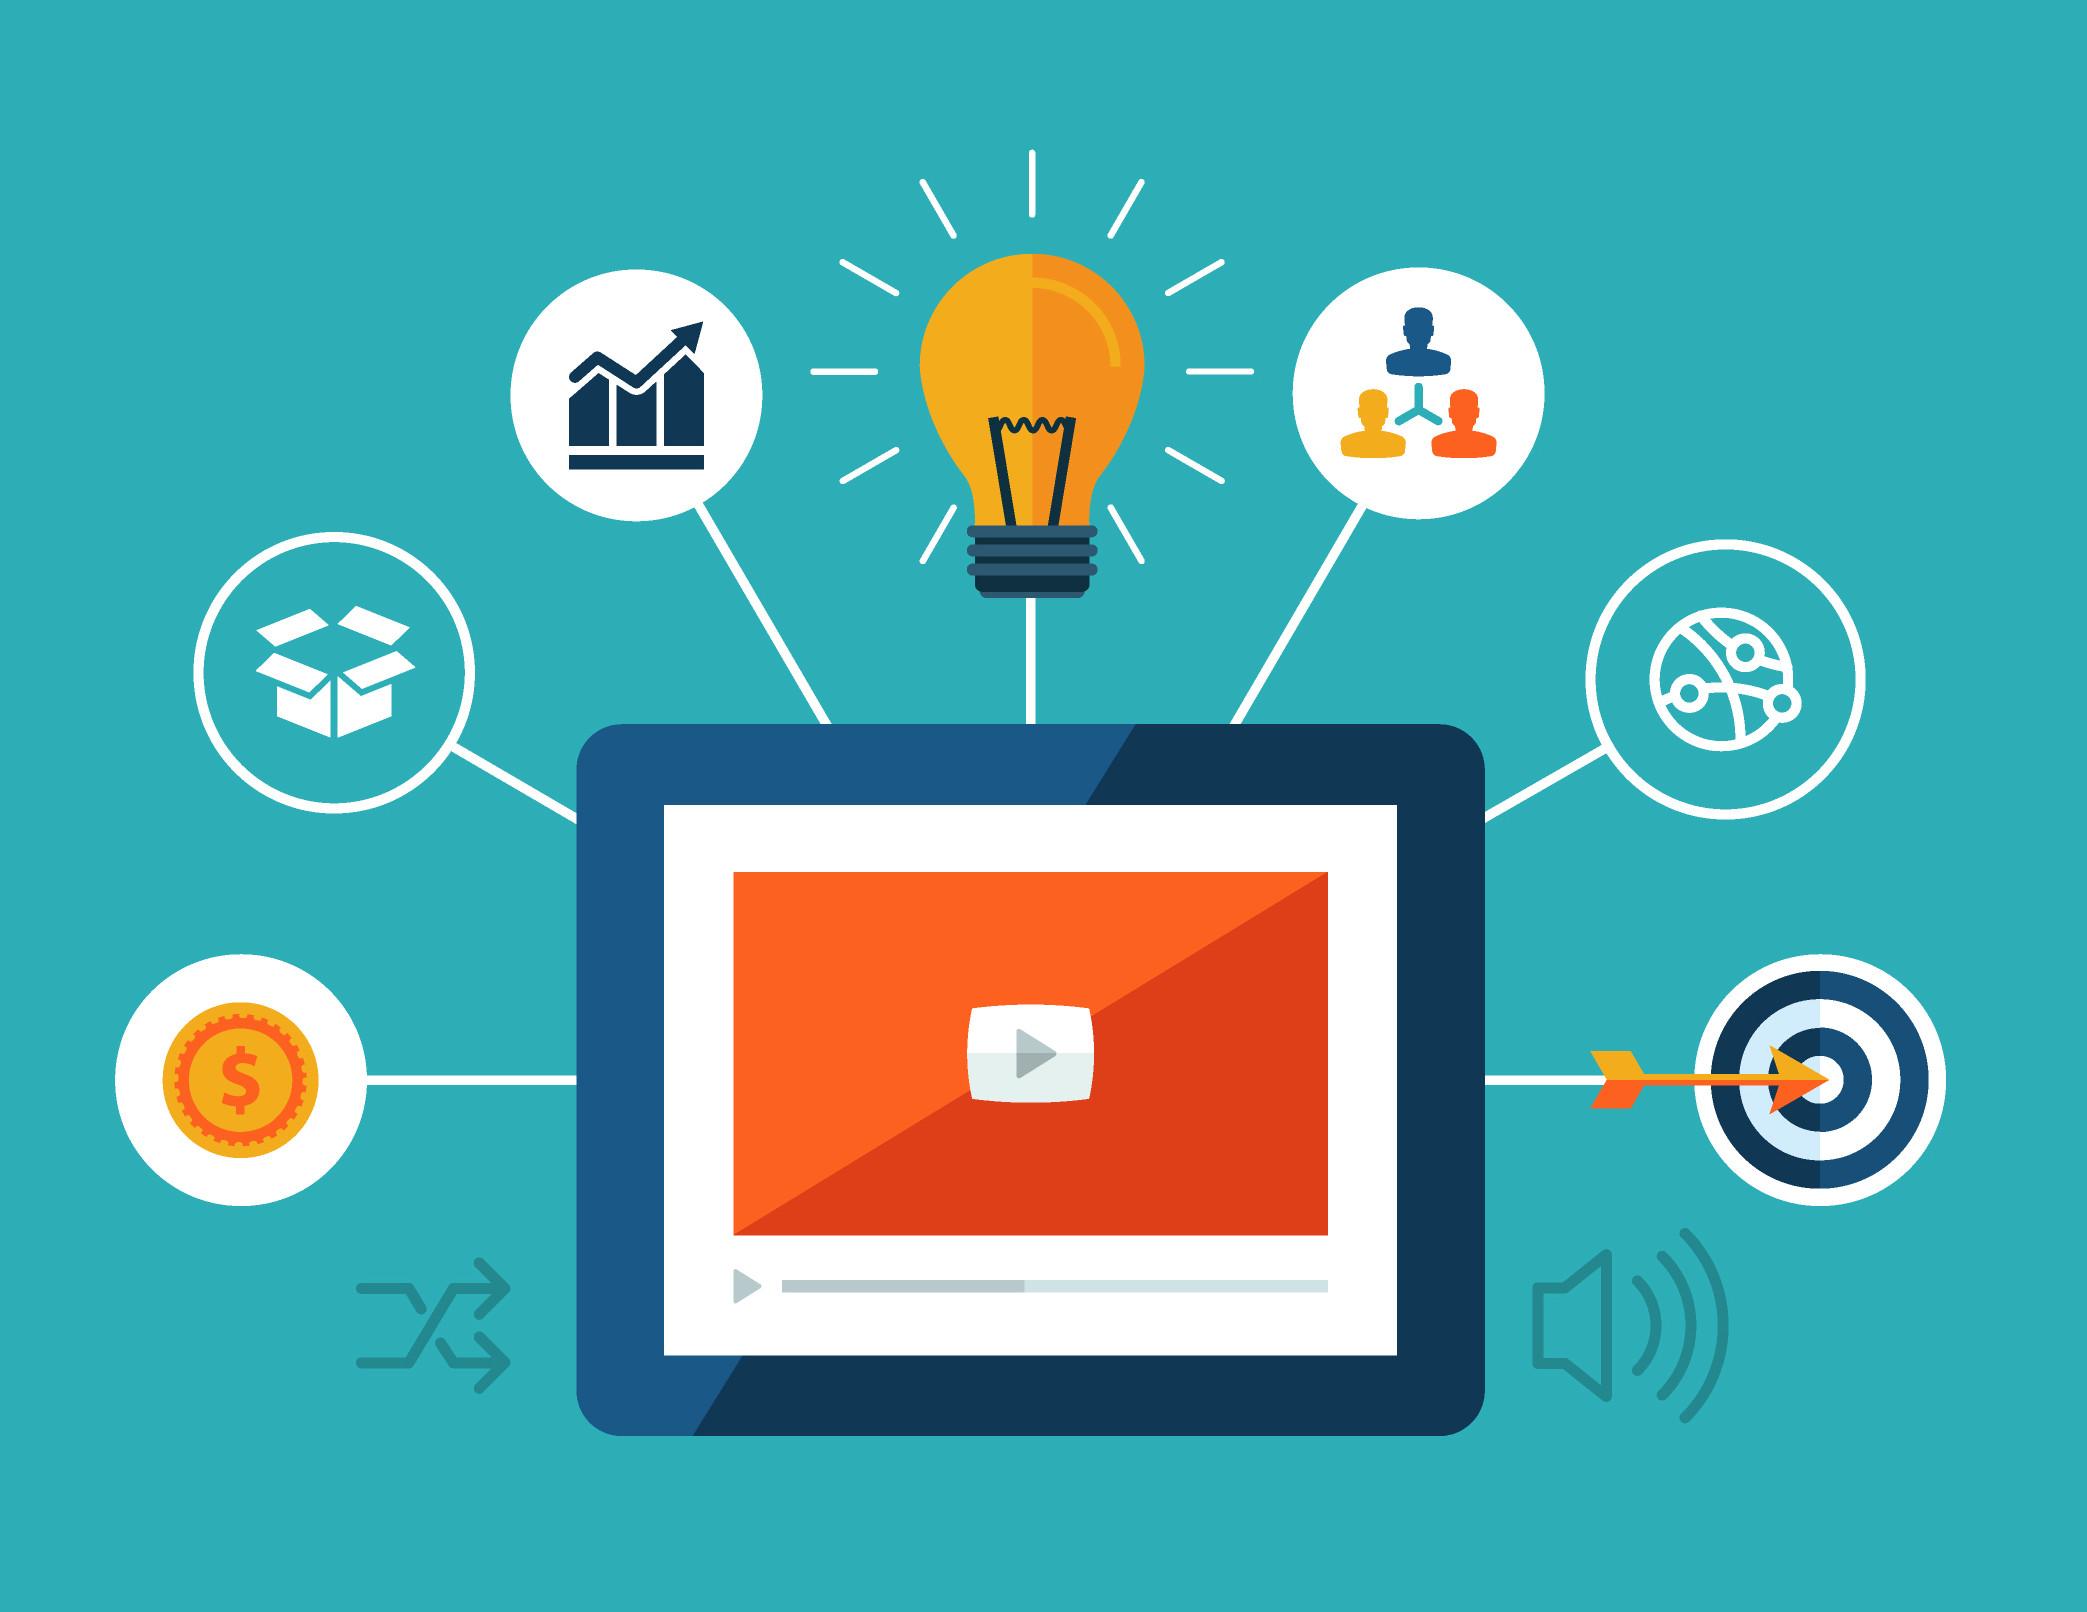 9نصائح مهمة للحصول على أفضل شركات الدعاية والاعلان في جدة